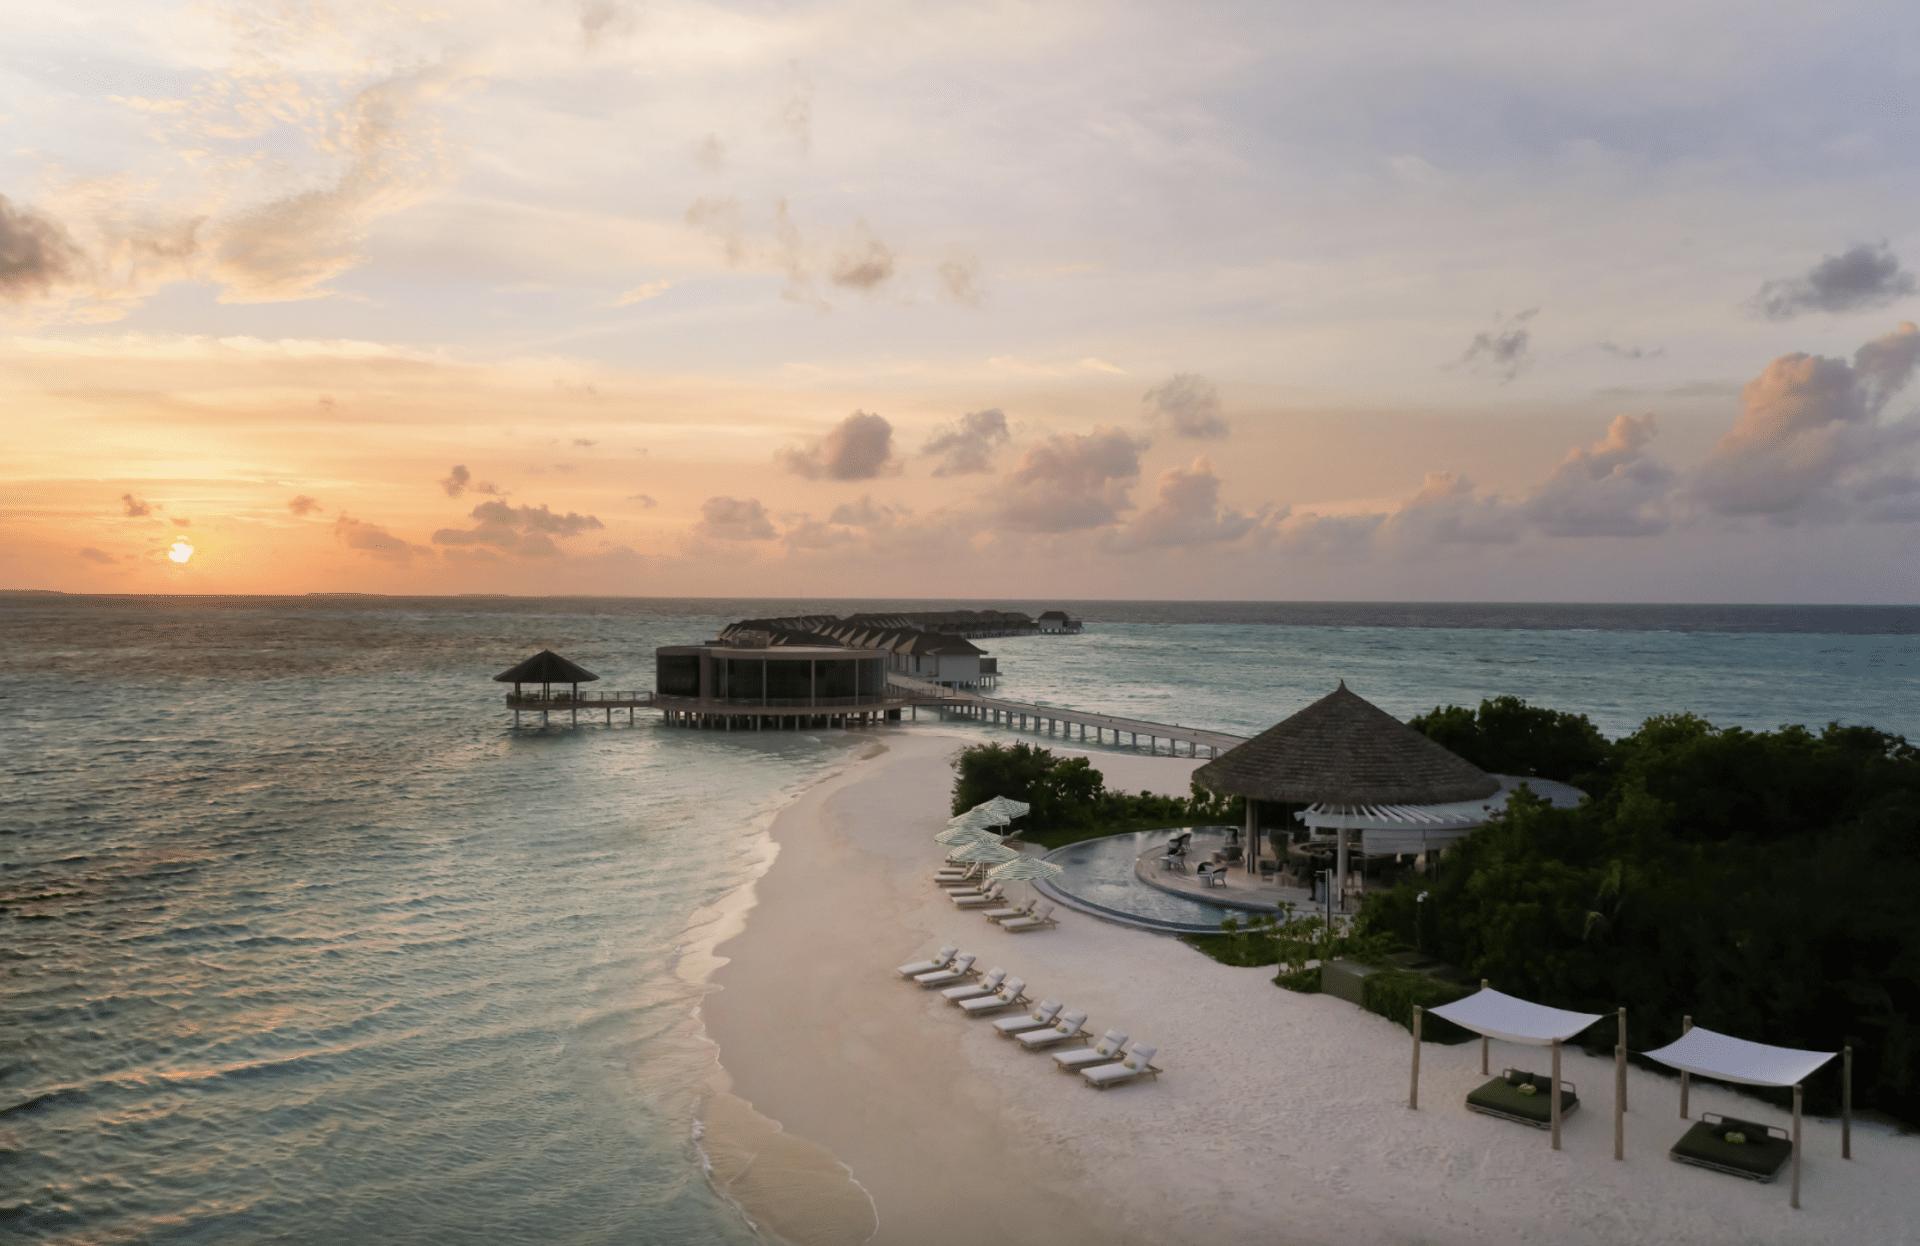 Le Meridien Malediven Resort, Marriott